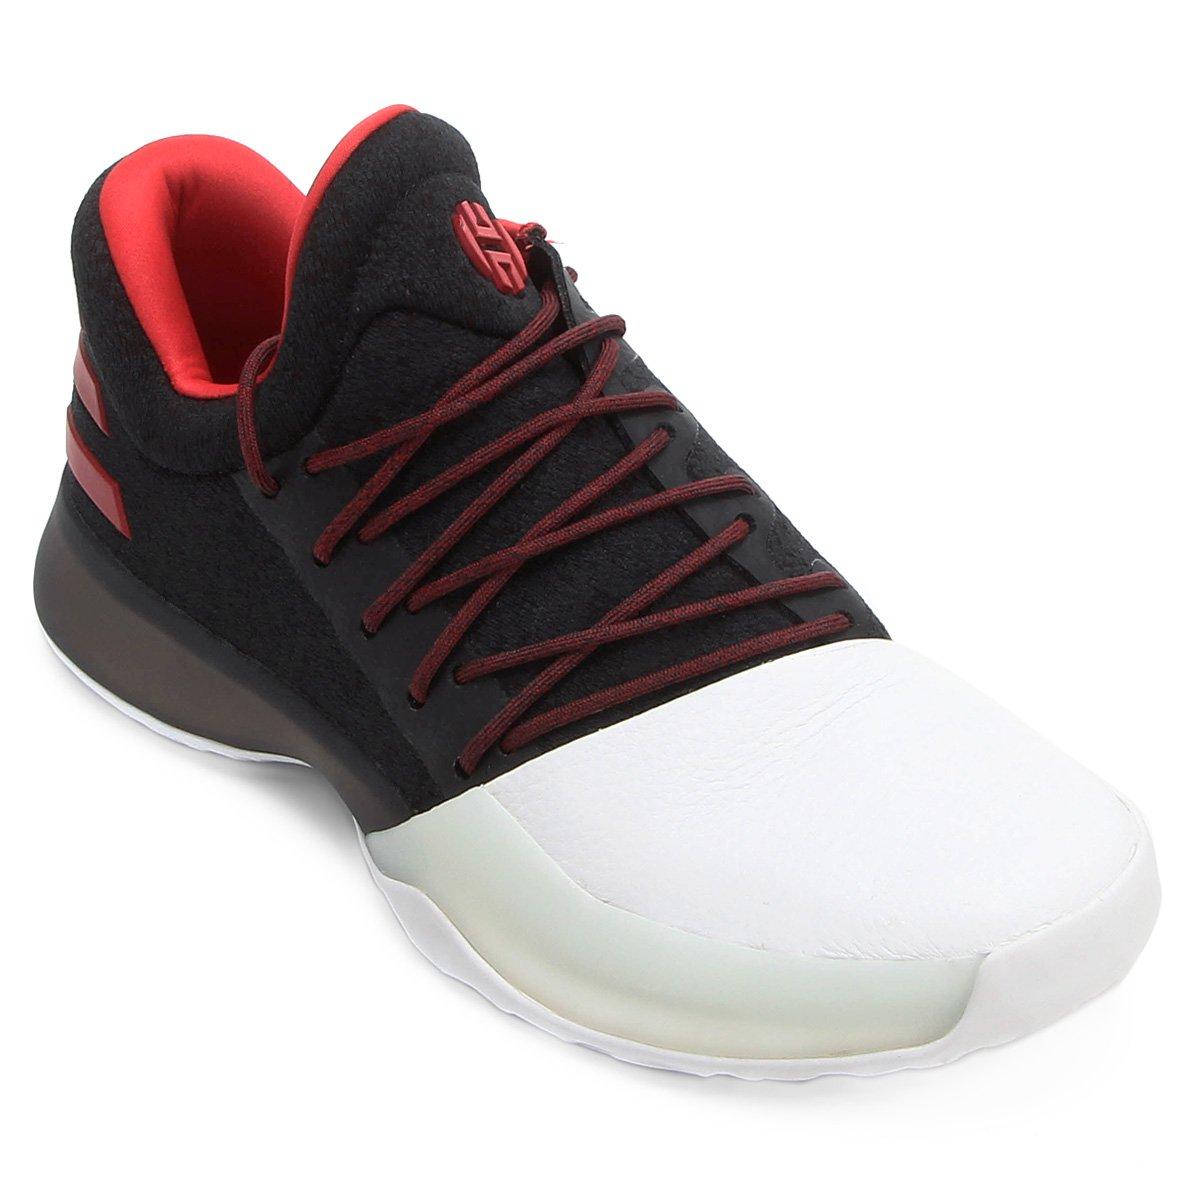 da3ea049ceb Tênis Adidas James Harden Crazy X Masculino - Compre Agora